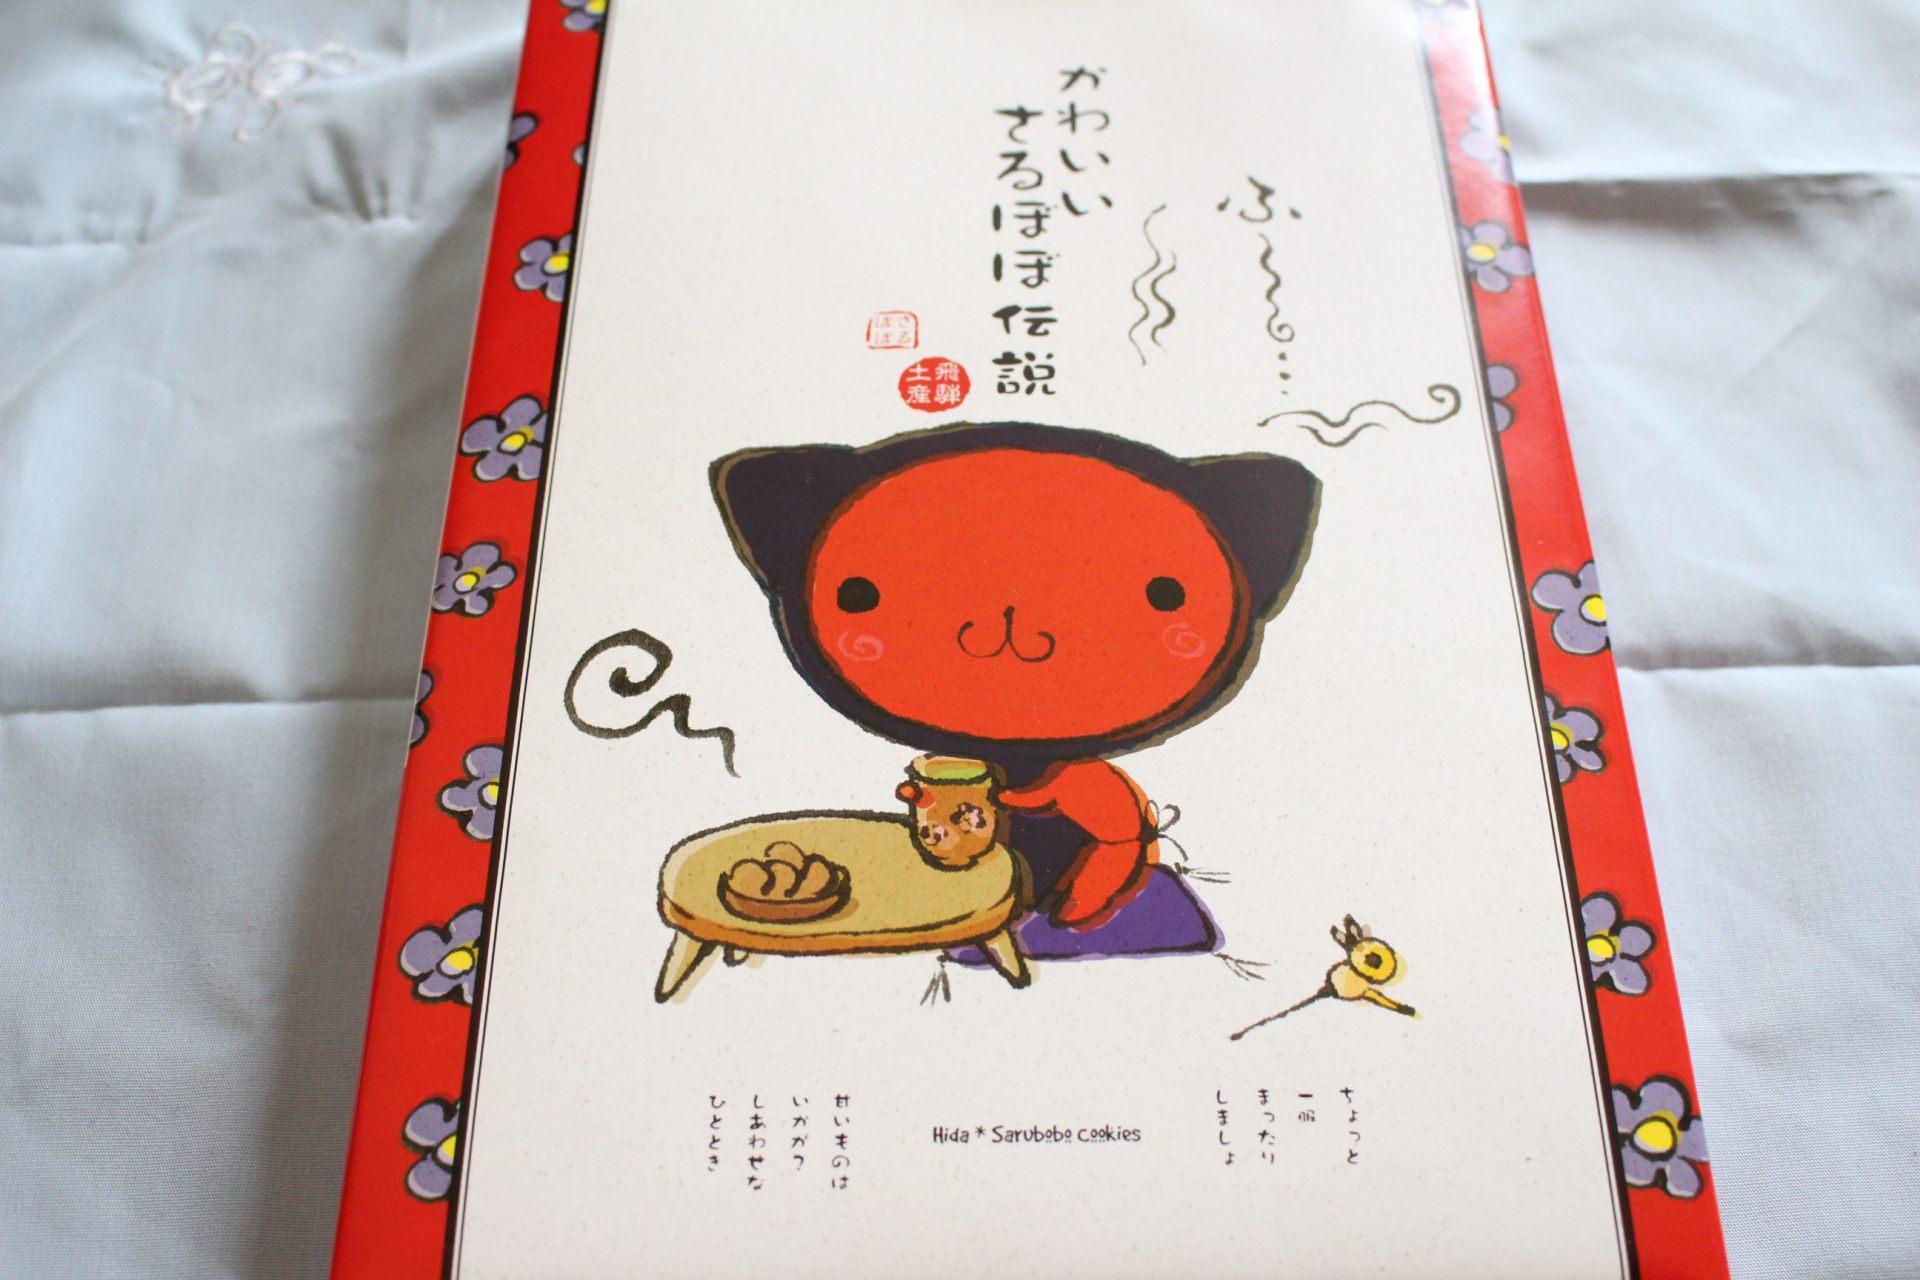 「可爱的猴宝宝传说」14片装(486日圆)